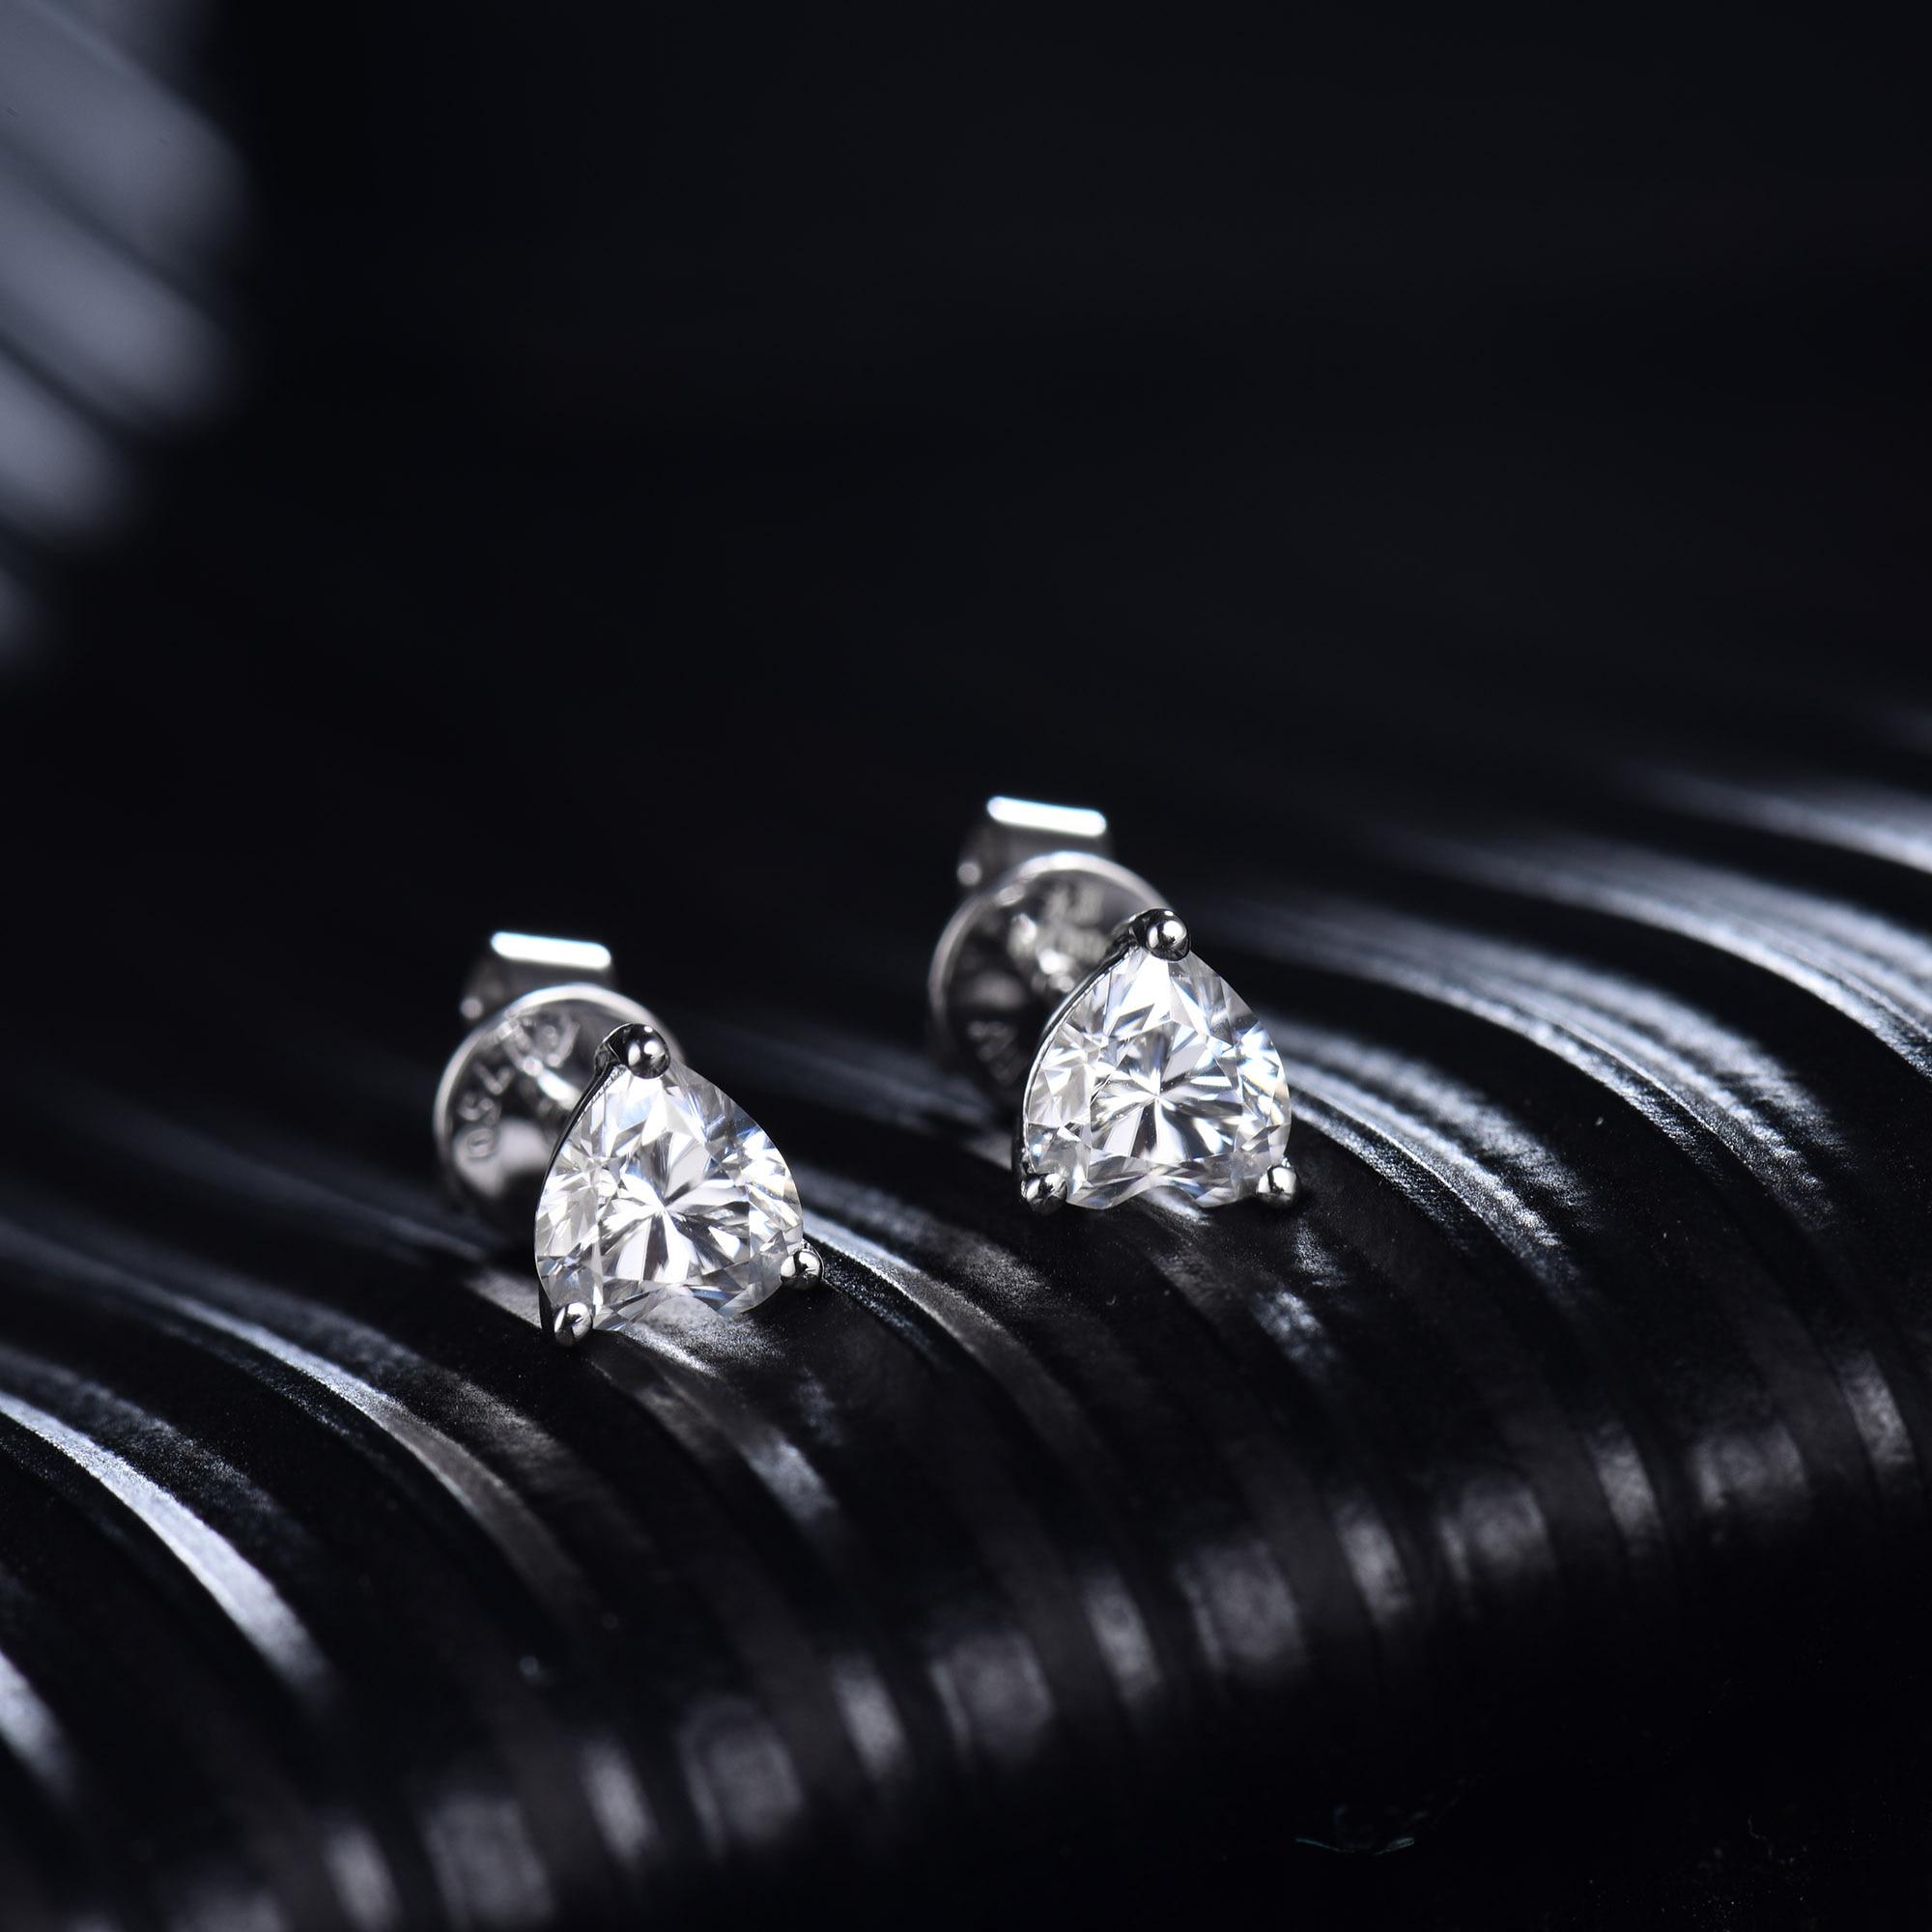 Femmes Moissanite boucles d'oreilles goujon solide 14K or blanc 1ct 2ct coeur brillant Moissanite pour Layd fiançailles OL Style bijoux de mode - 4